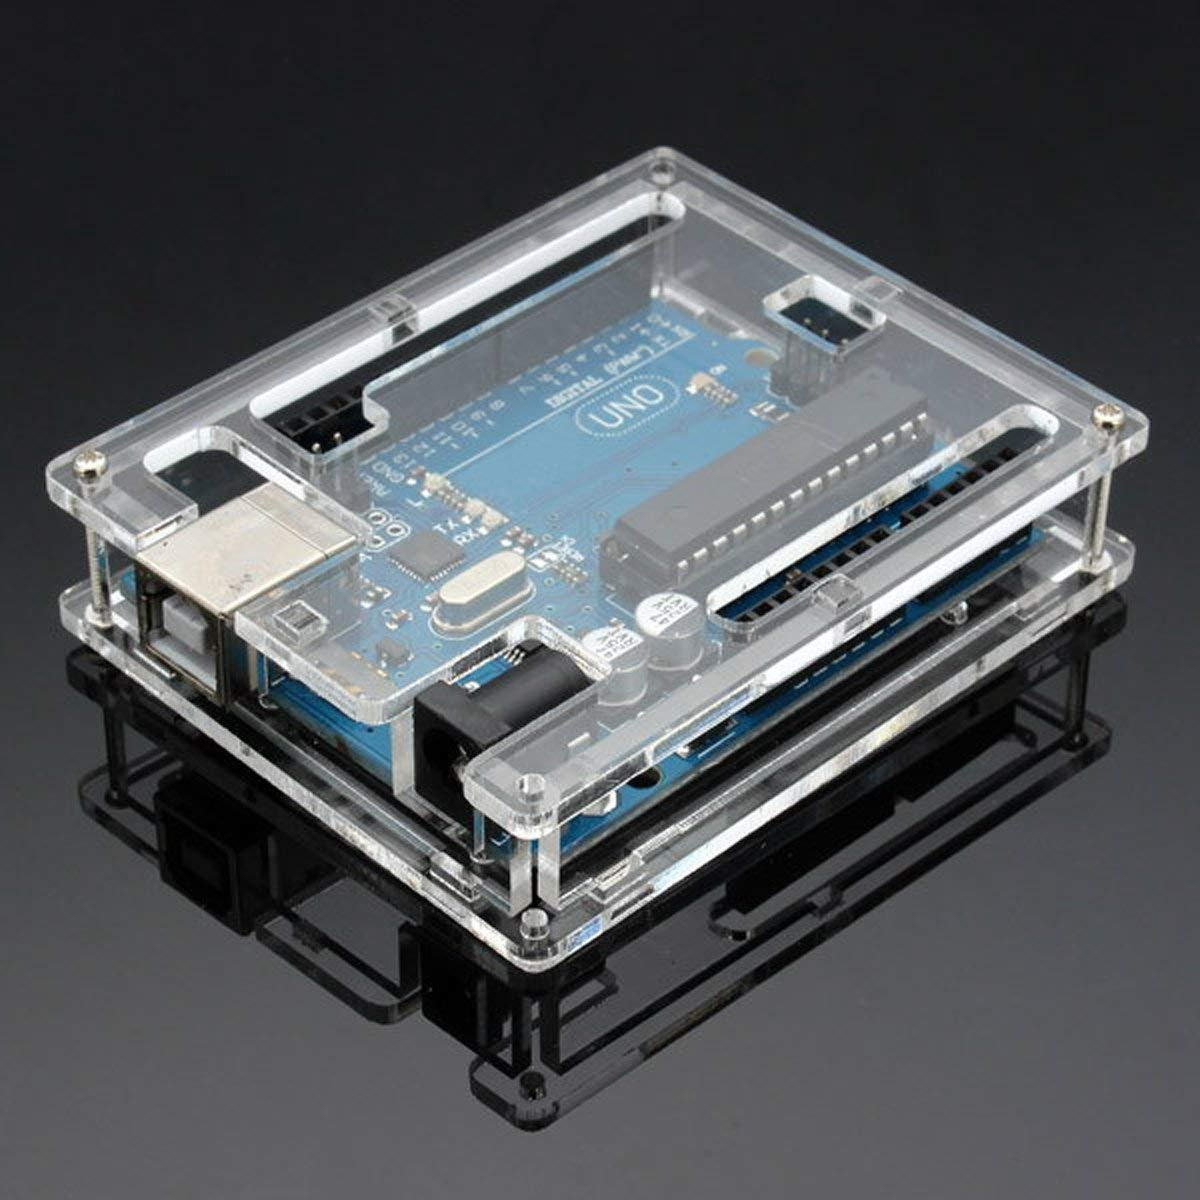 DollaTek Caja de Caja Uno R3 Nueva Caja de computadora acrílica ...